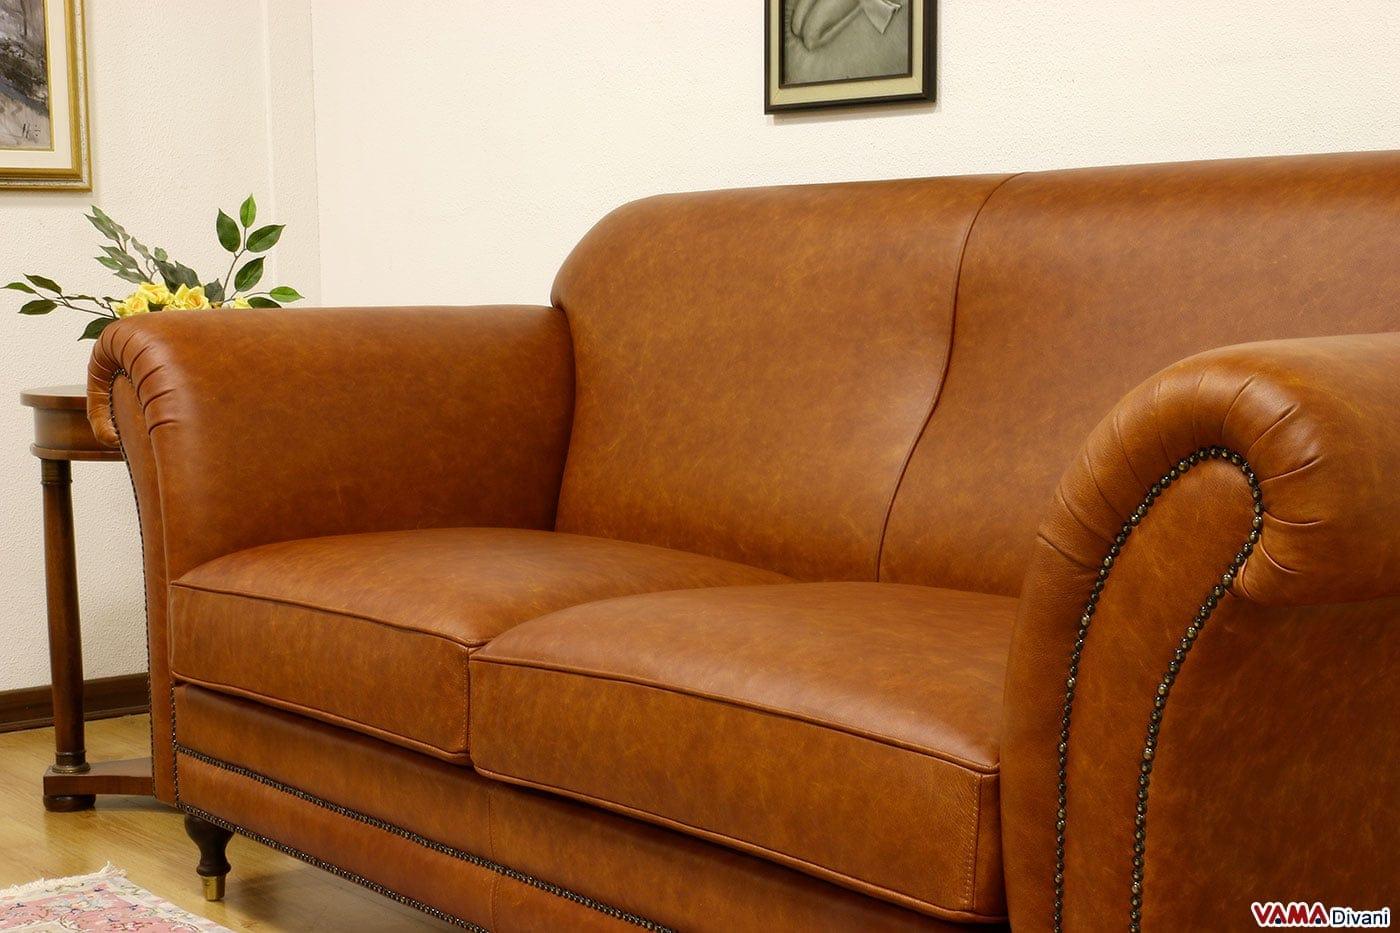 Ufficio Qualità In Inglese : Divano classico stile inglese in pelle marrone chiaro vintage